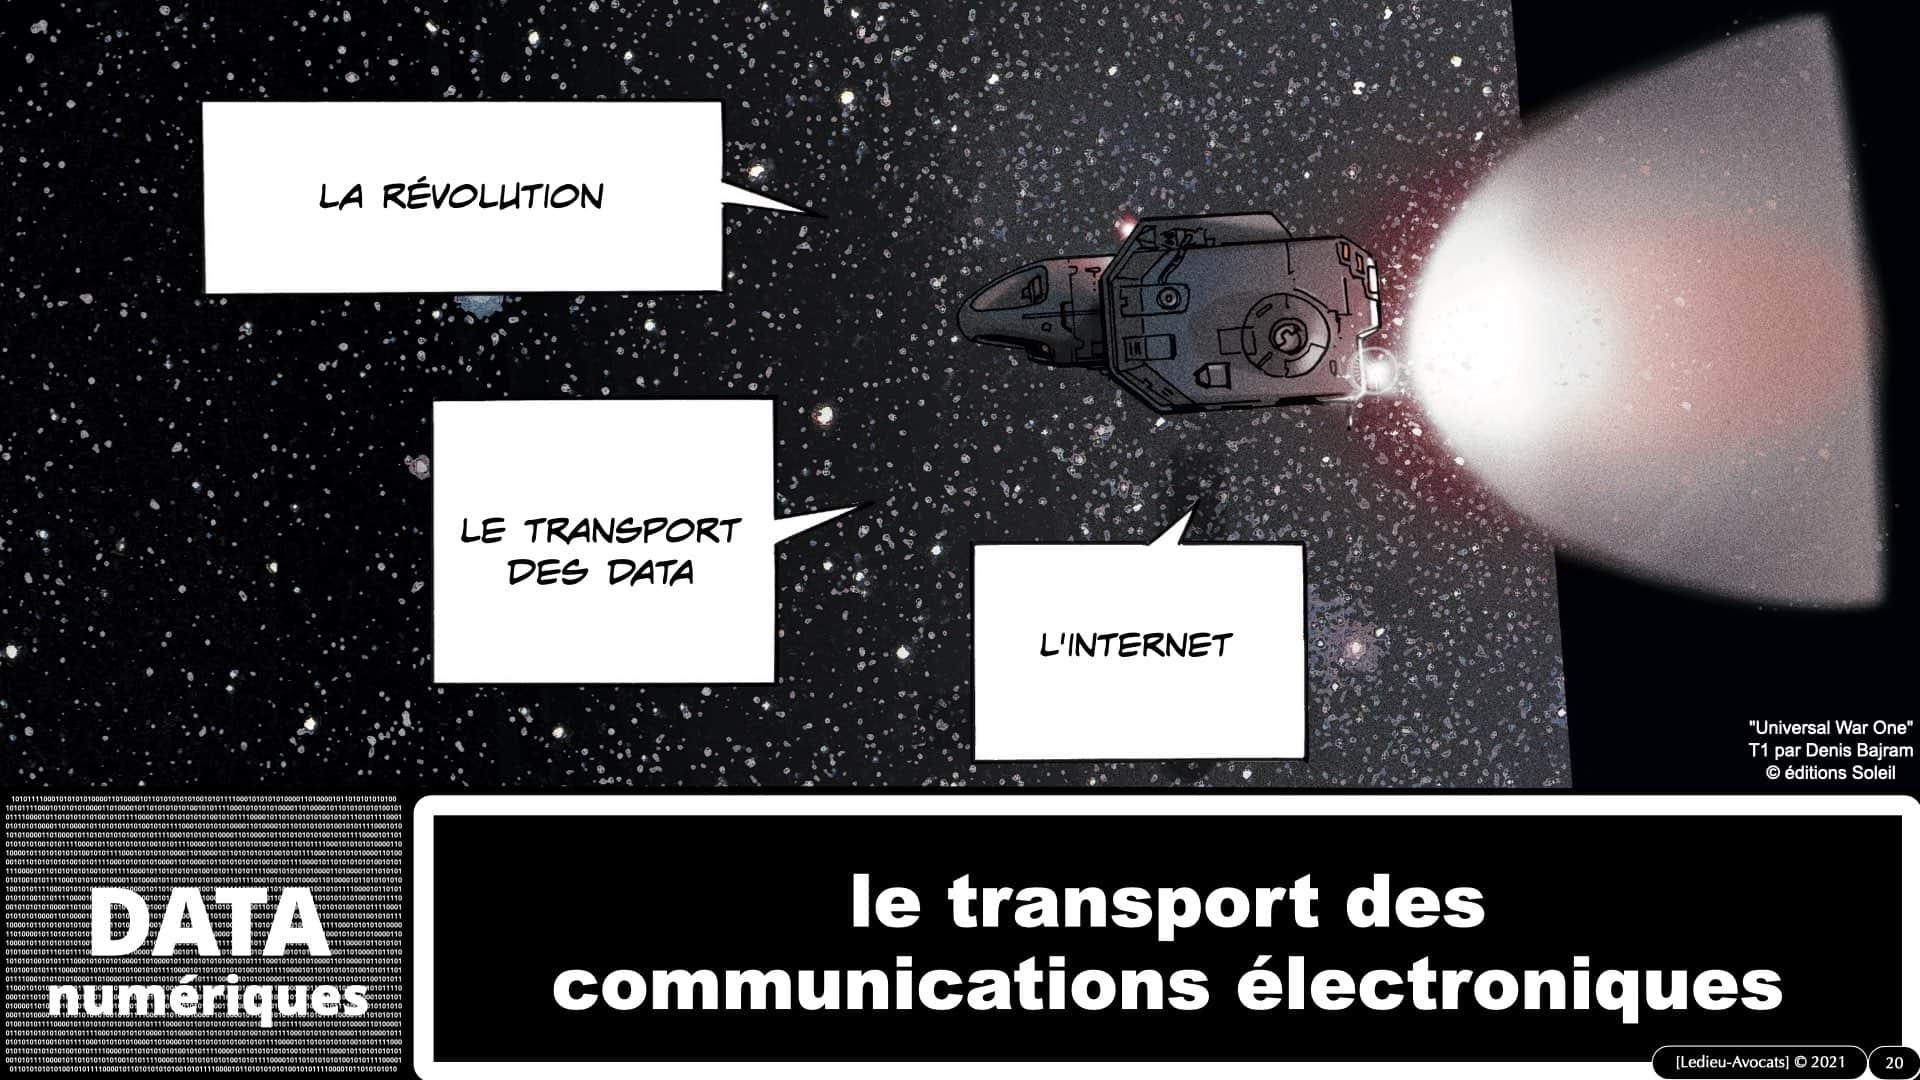 330 CYBER ATTAQUE © Ledieu-Avocats 09-03-2021.020